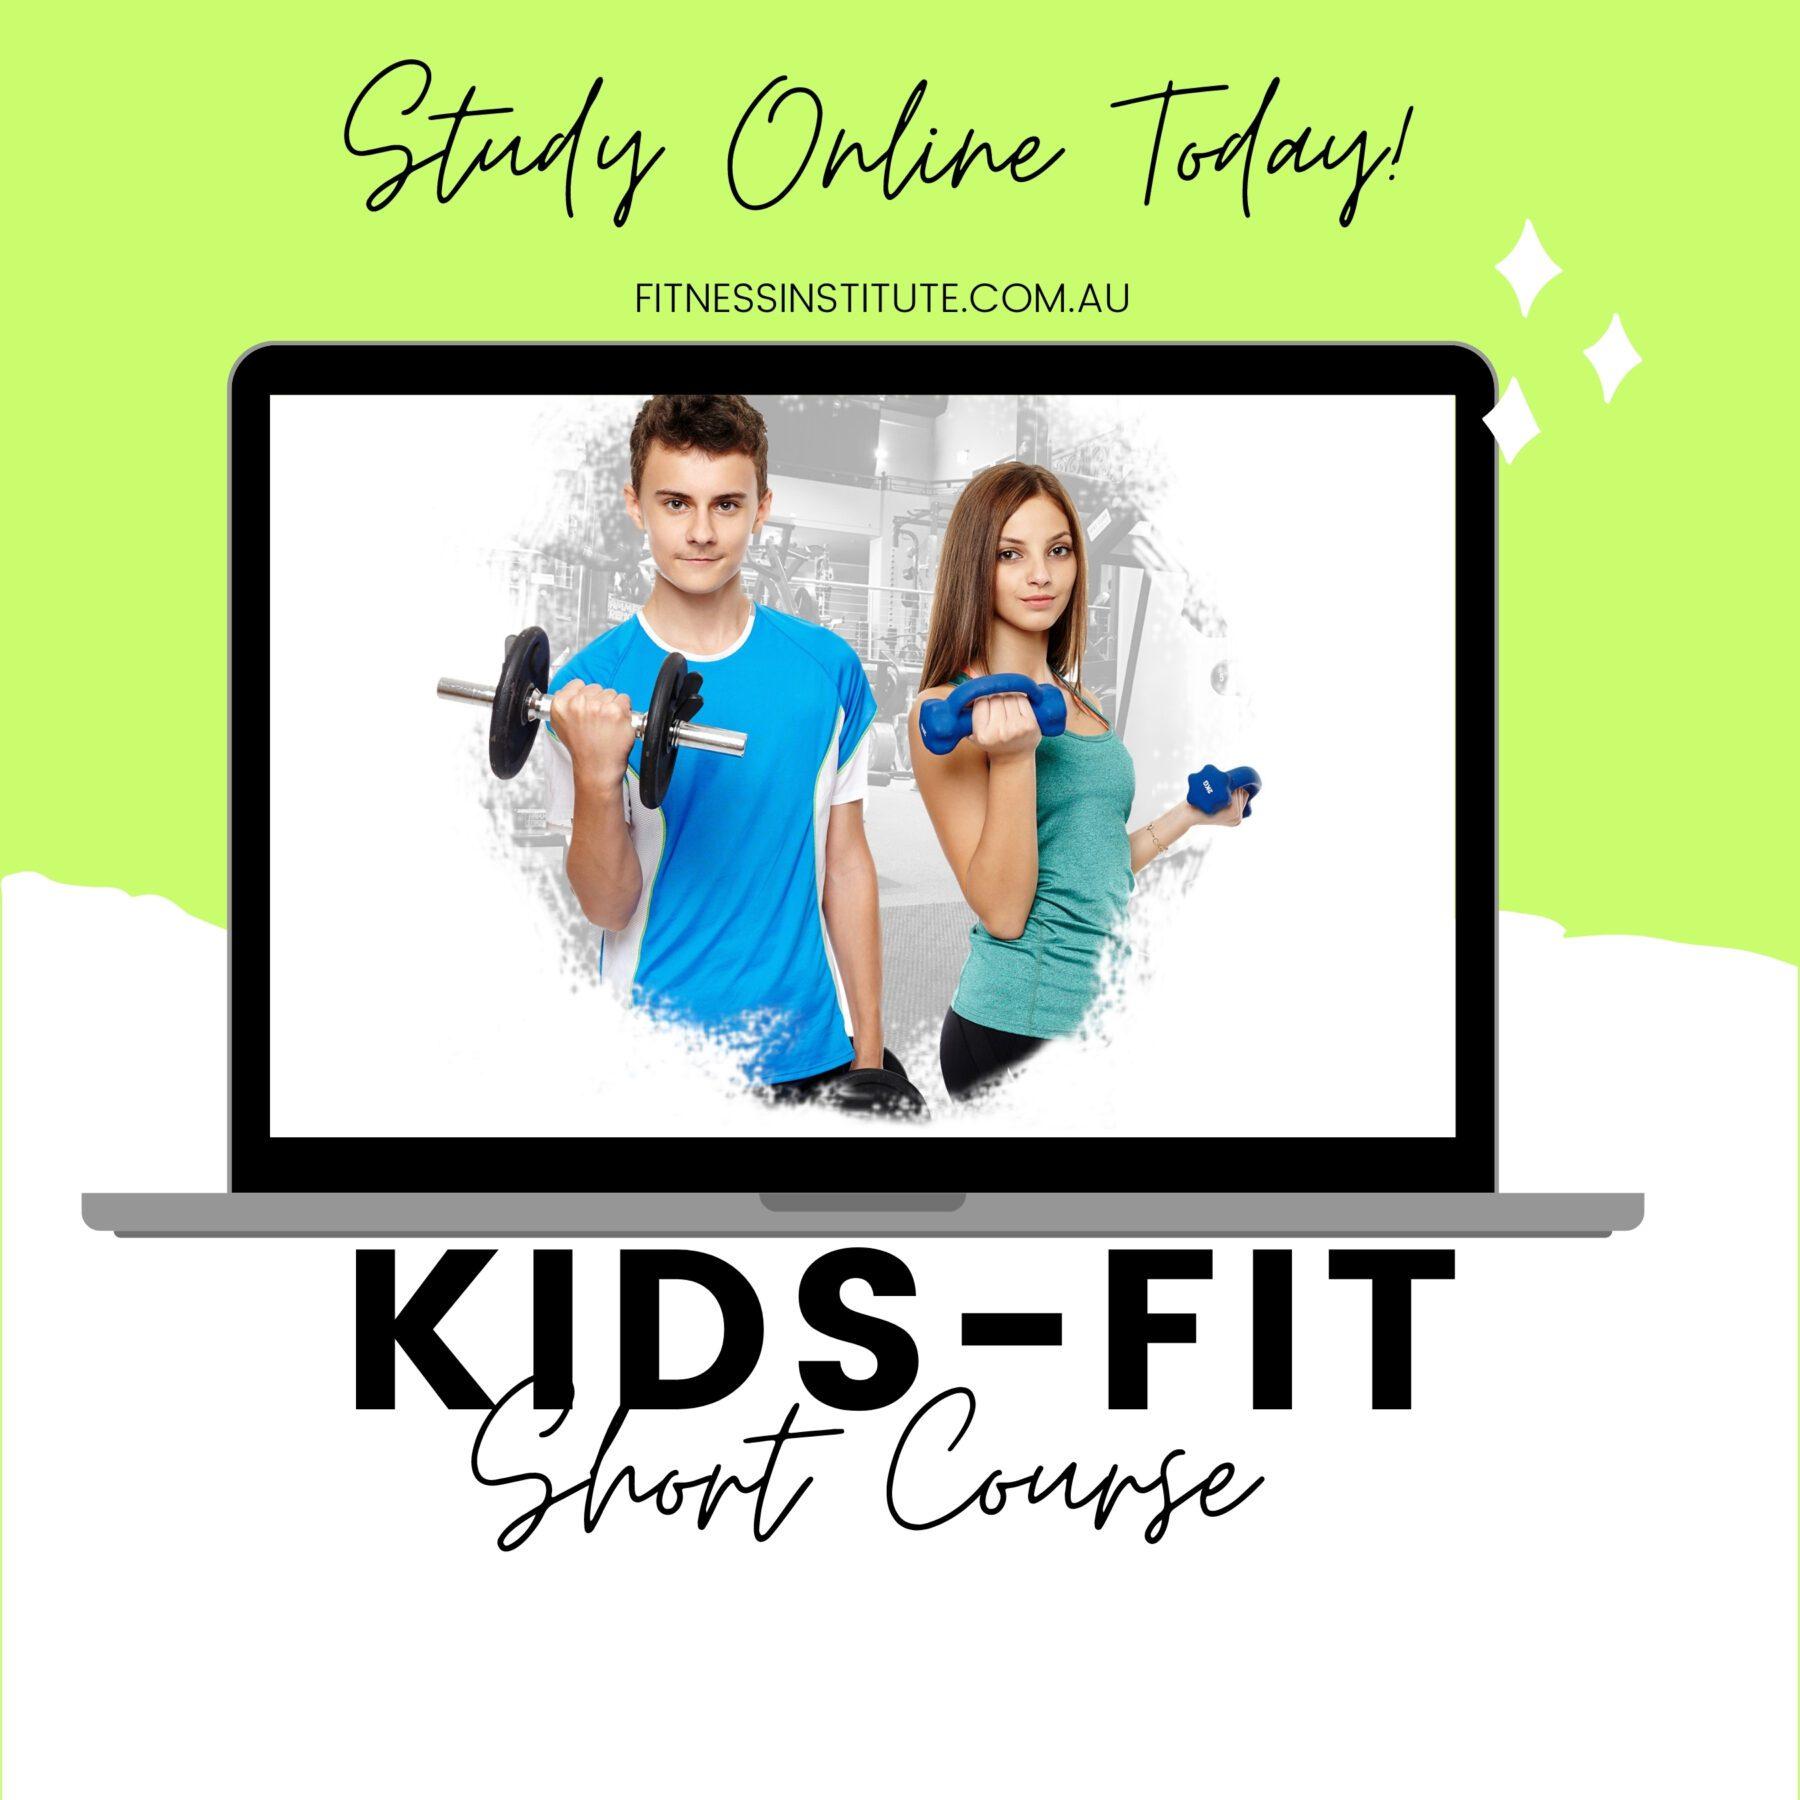 KIDS FIT Short Course